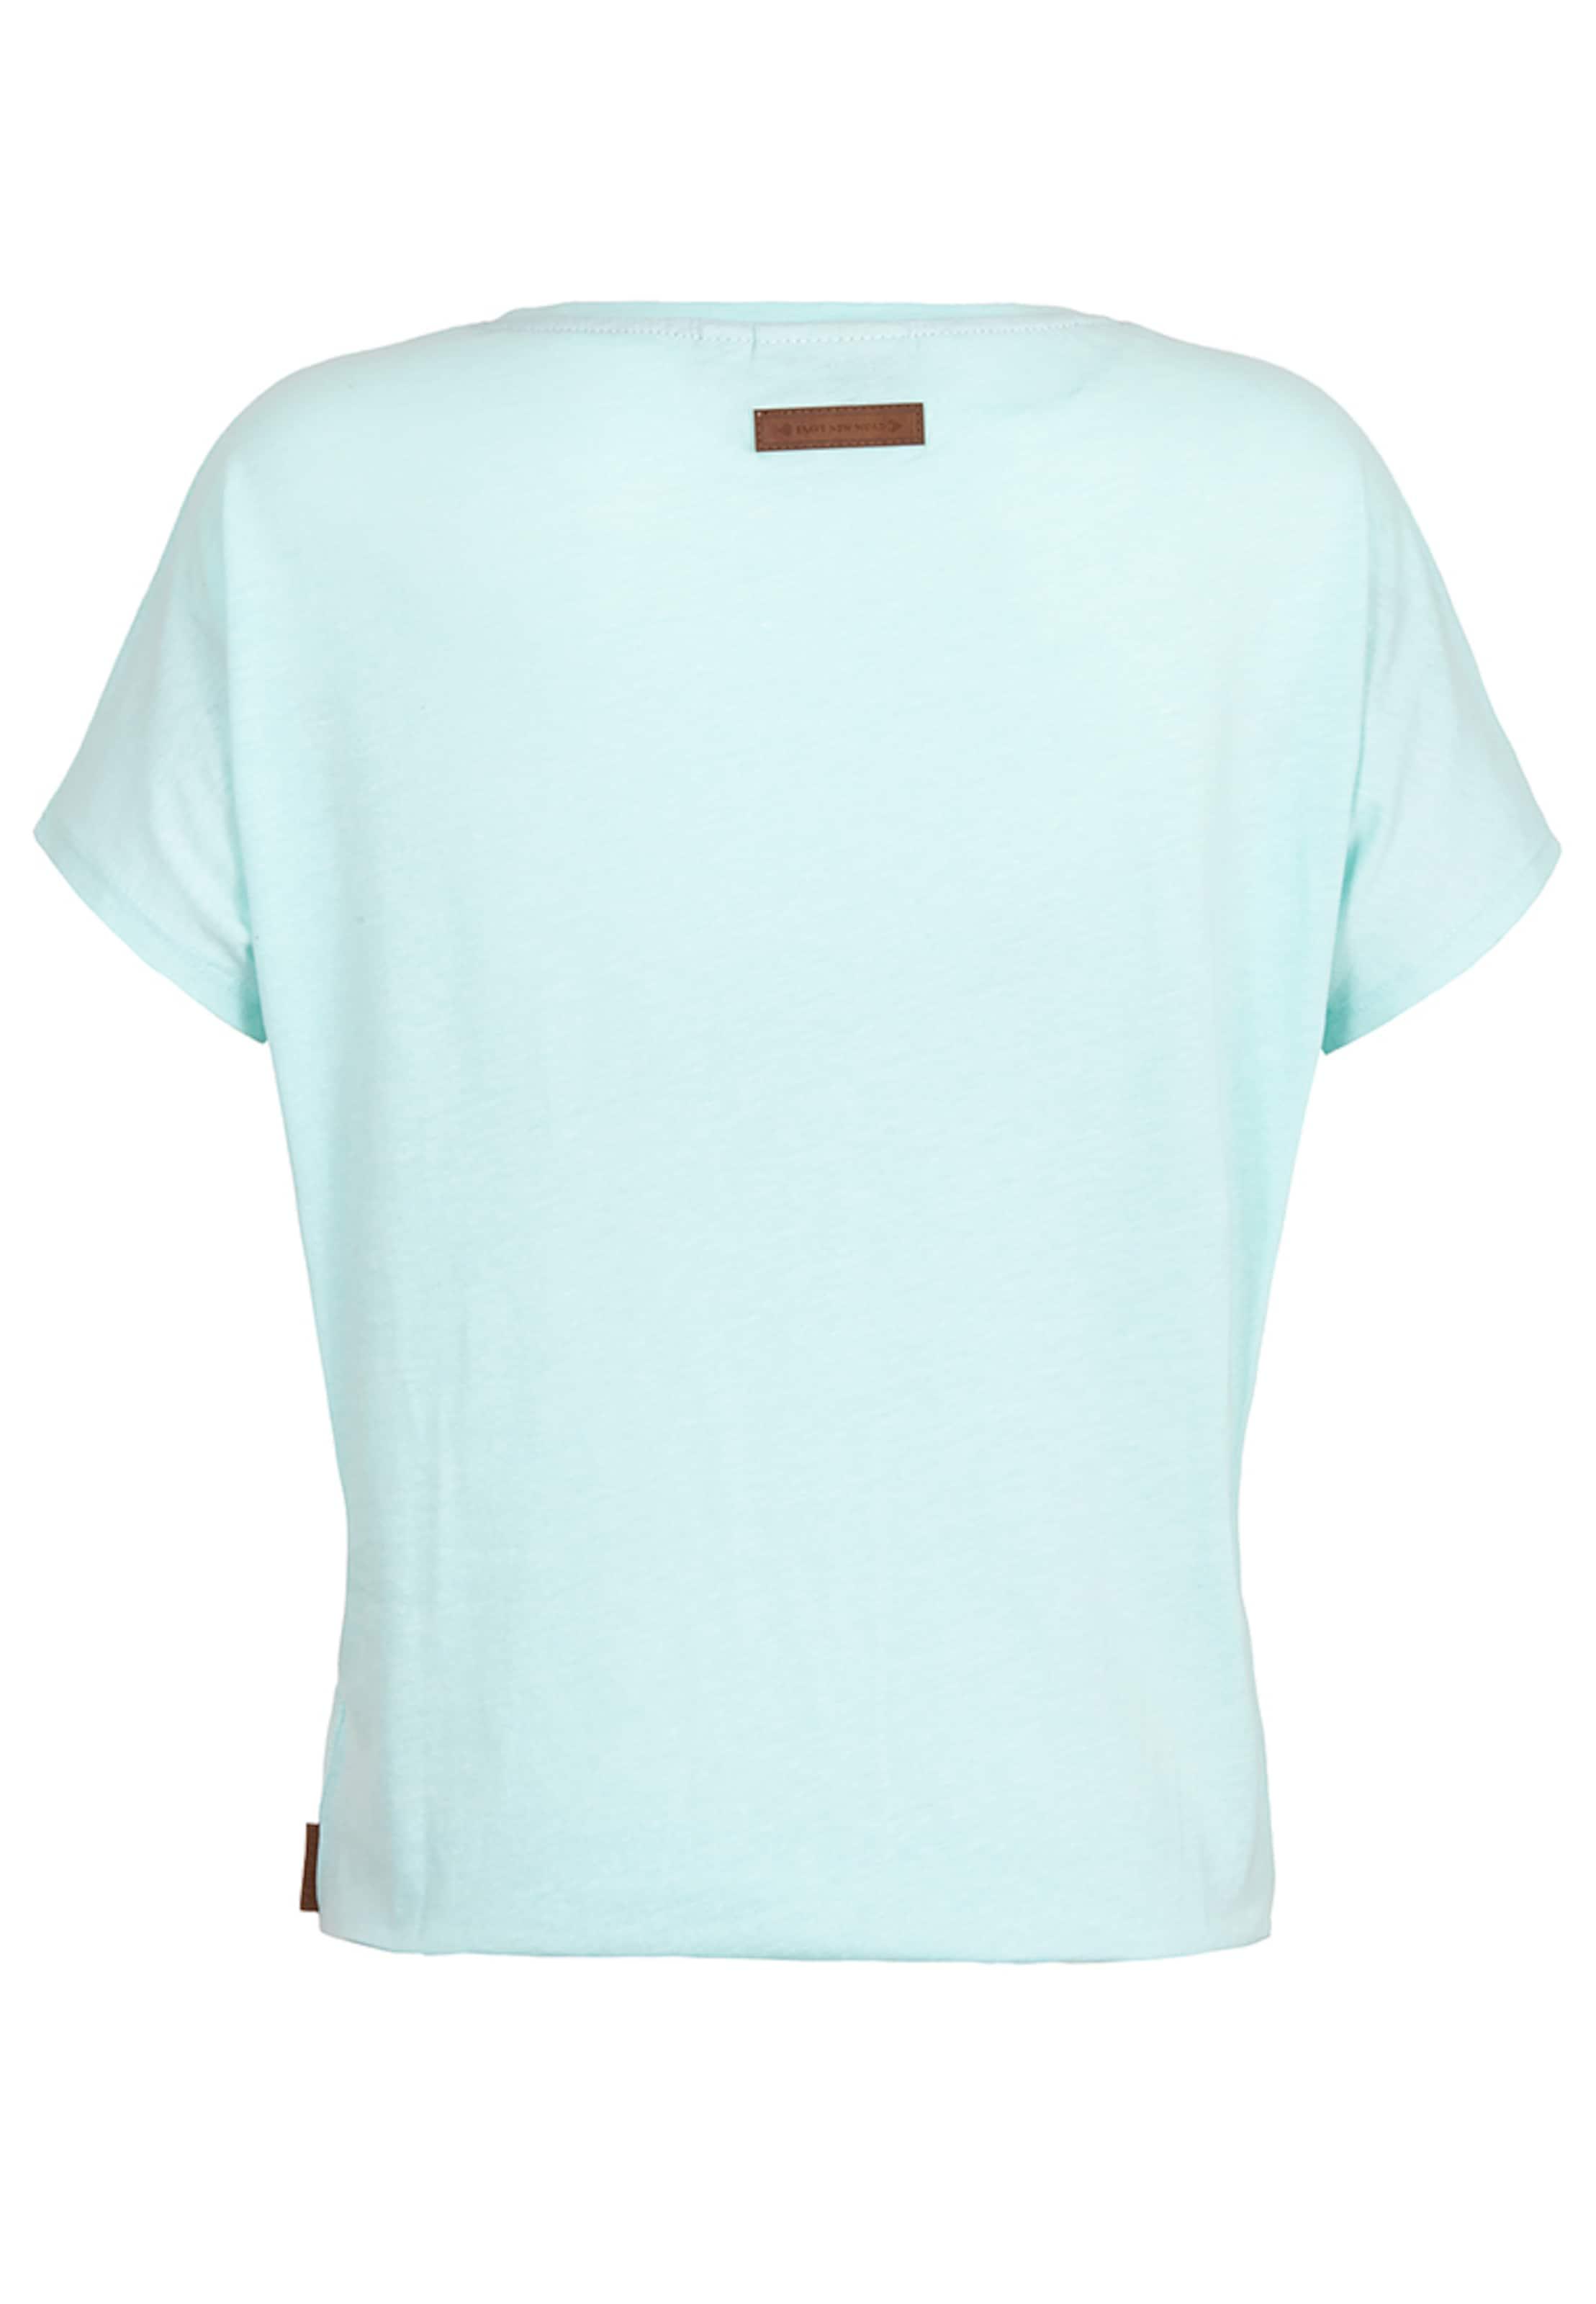 Verkauf Original naketano T-Shirt 'Schnella Baustella III' Billig Footlocker Billig Verkauf Genießen Günstig Online Kaufen 25BZ1